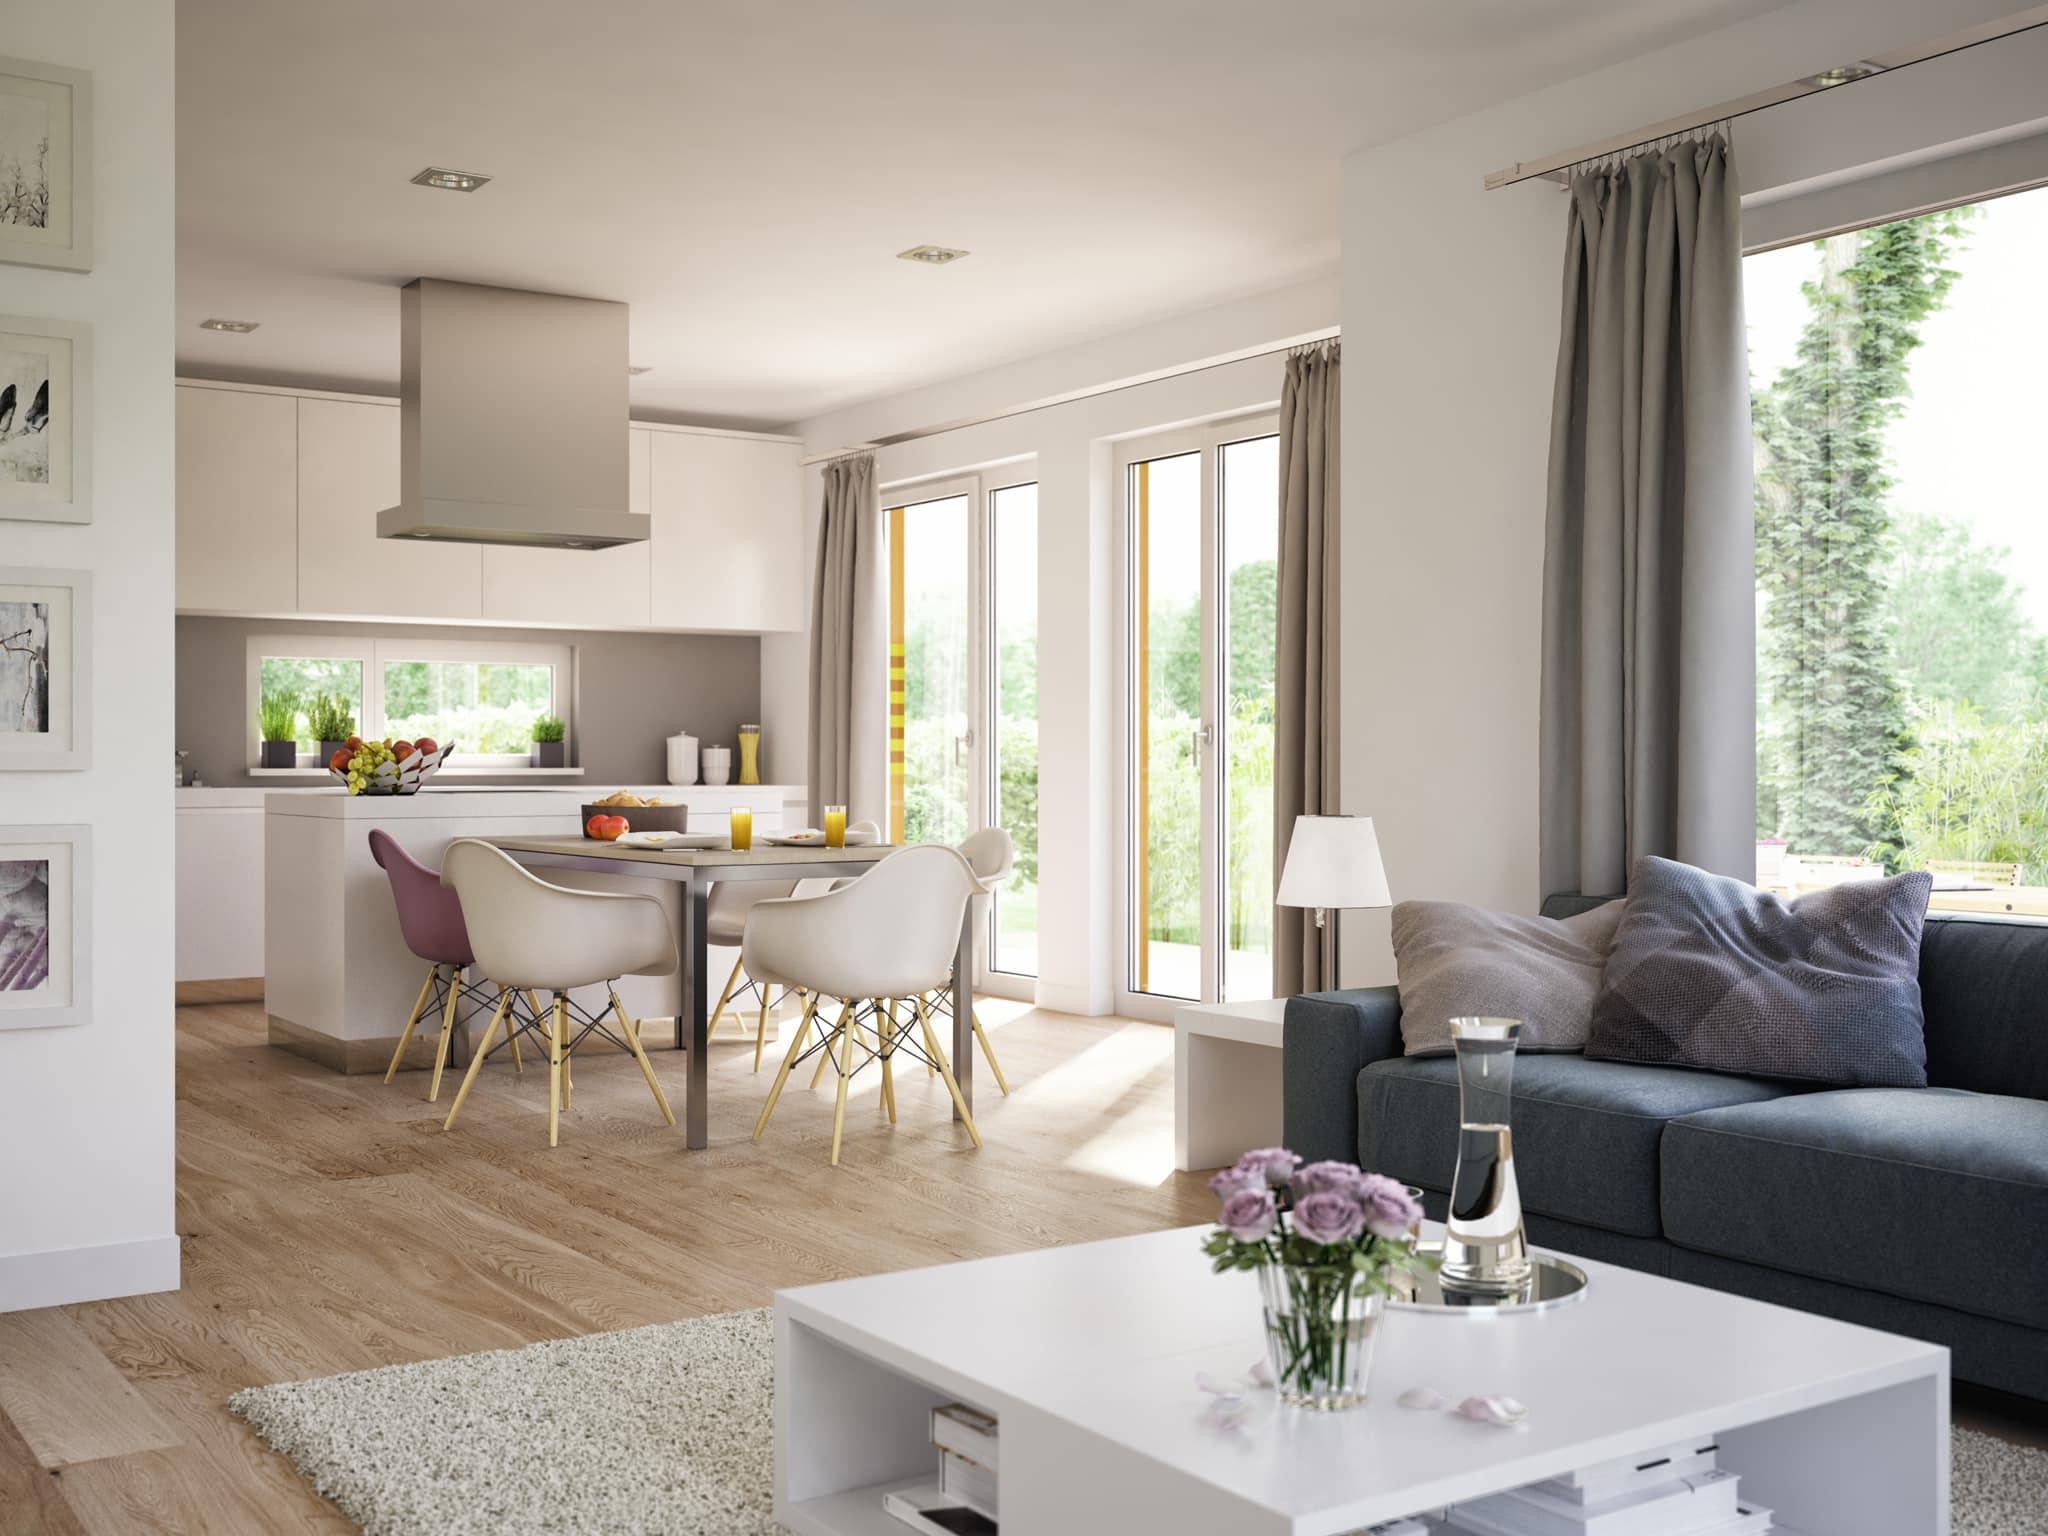 Wohnzimmer Ideen mit offener Küche & Essbereich - Inneneinrichtung Wohnideen Fertighaus Stadtvilla SUNSHINE 113 V8 von Living Haus - HausbauDirekt.de